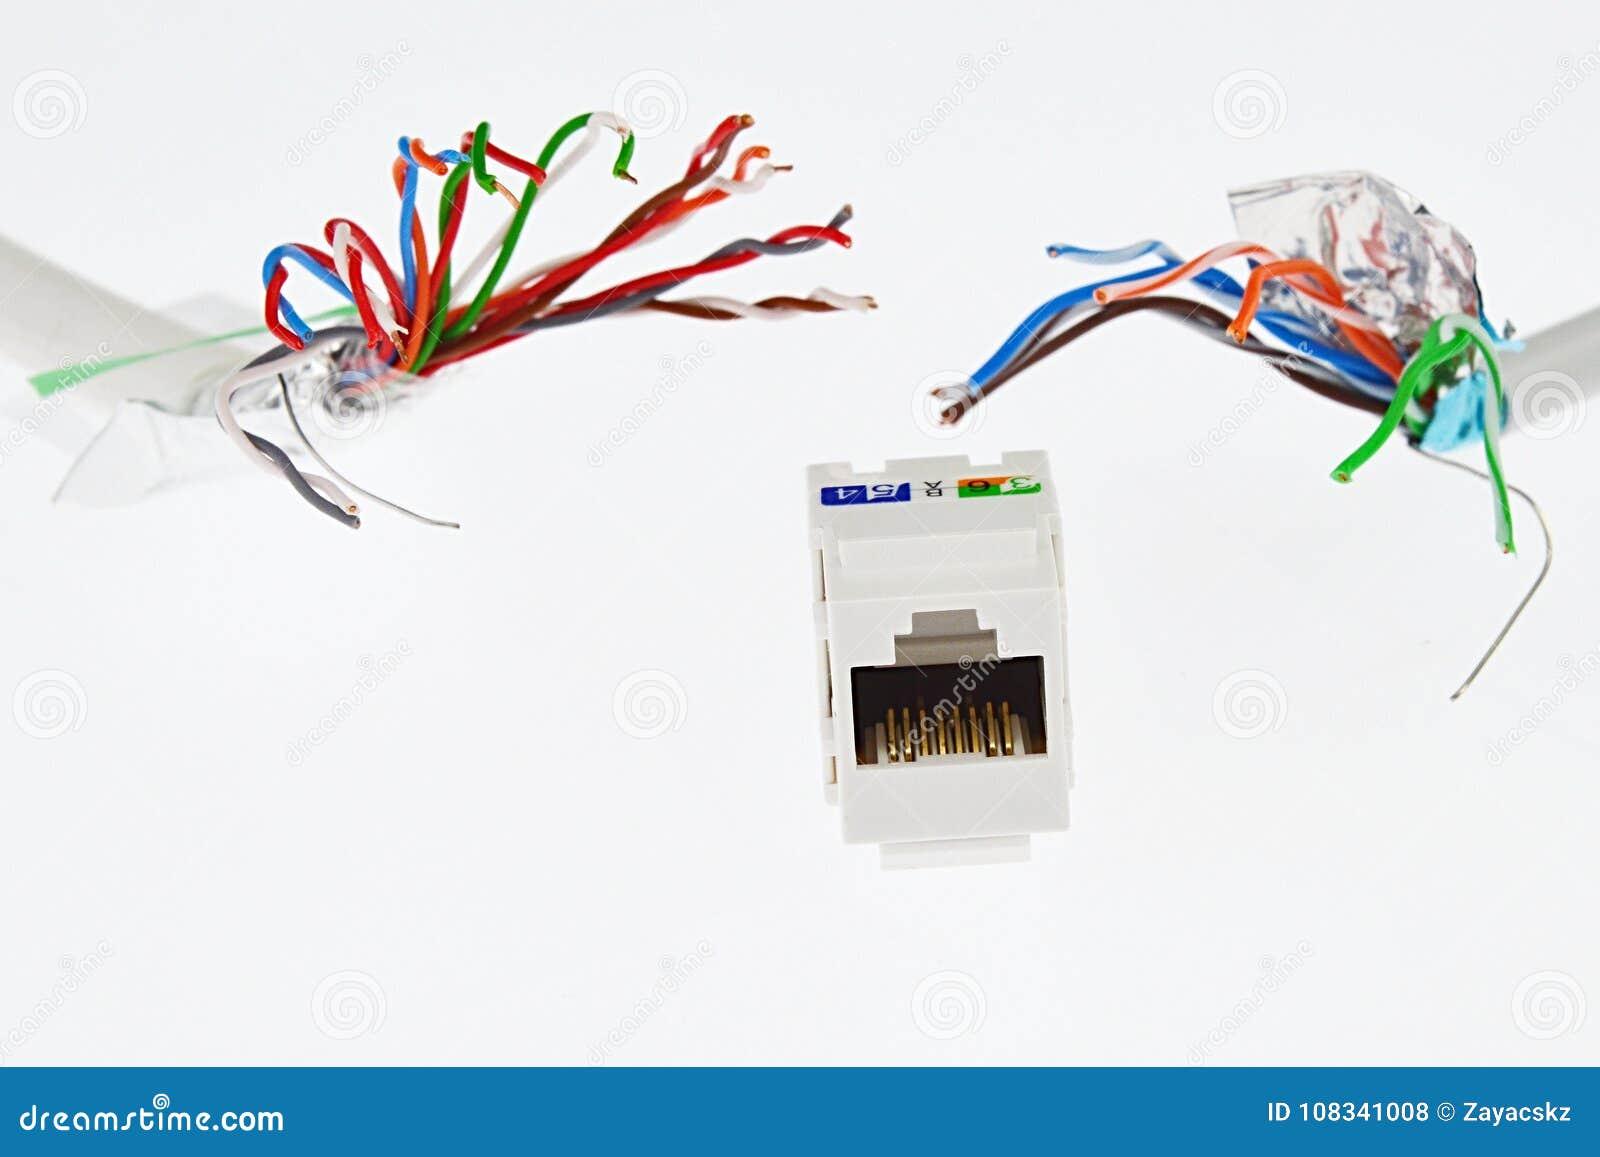 White Plastic Network RJ45 UTP Female Socket Is Chased By Two UTP ...